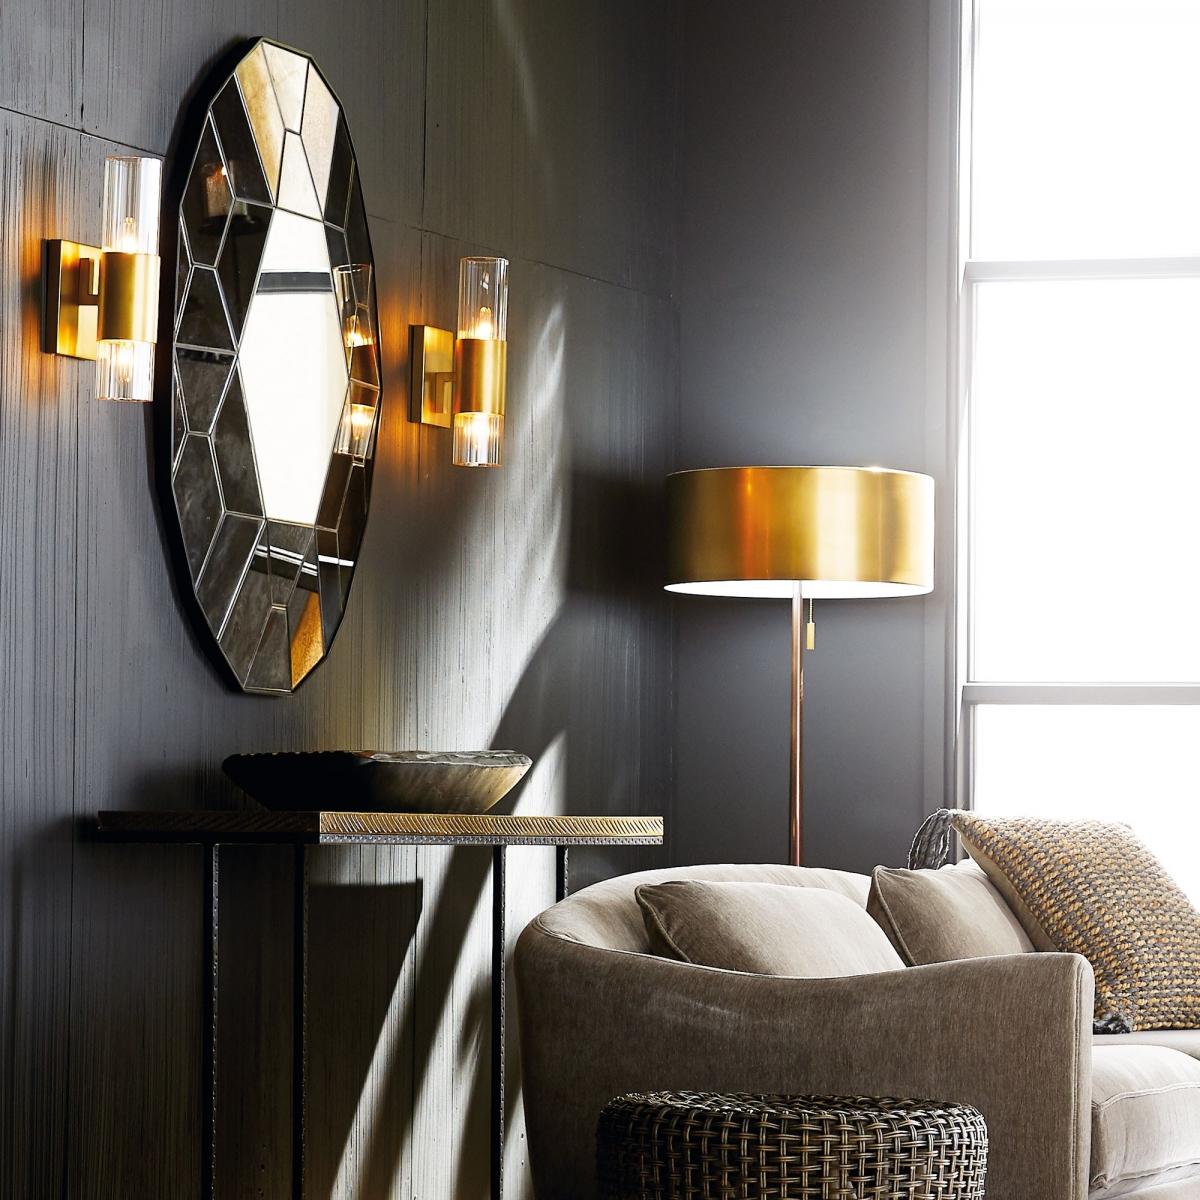 Эксклюзивный, дорогой дизайн гостиной